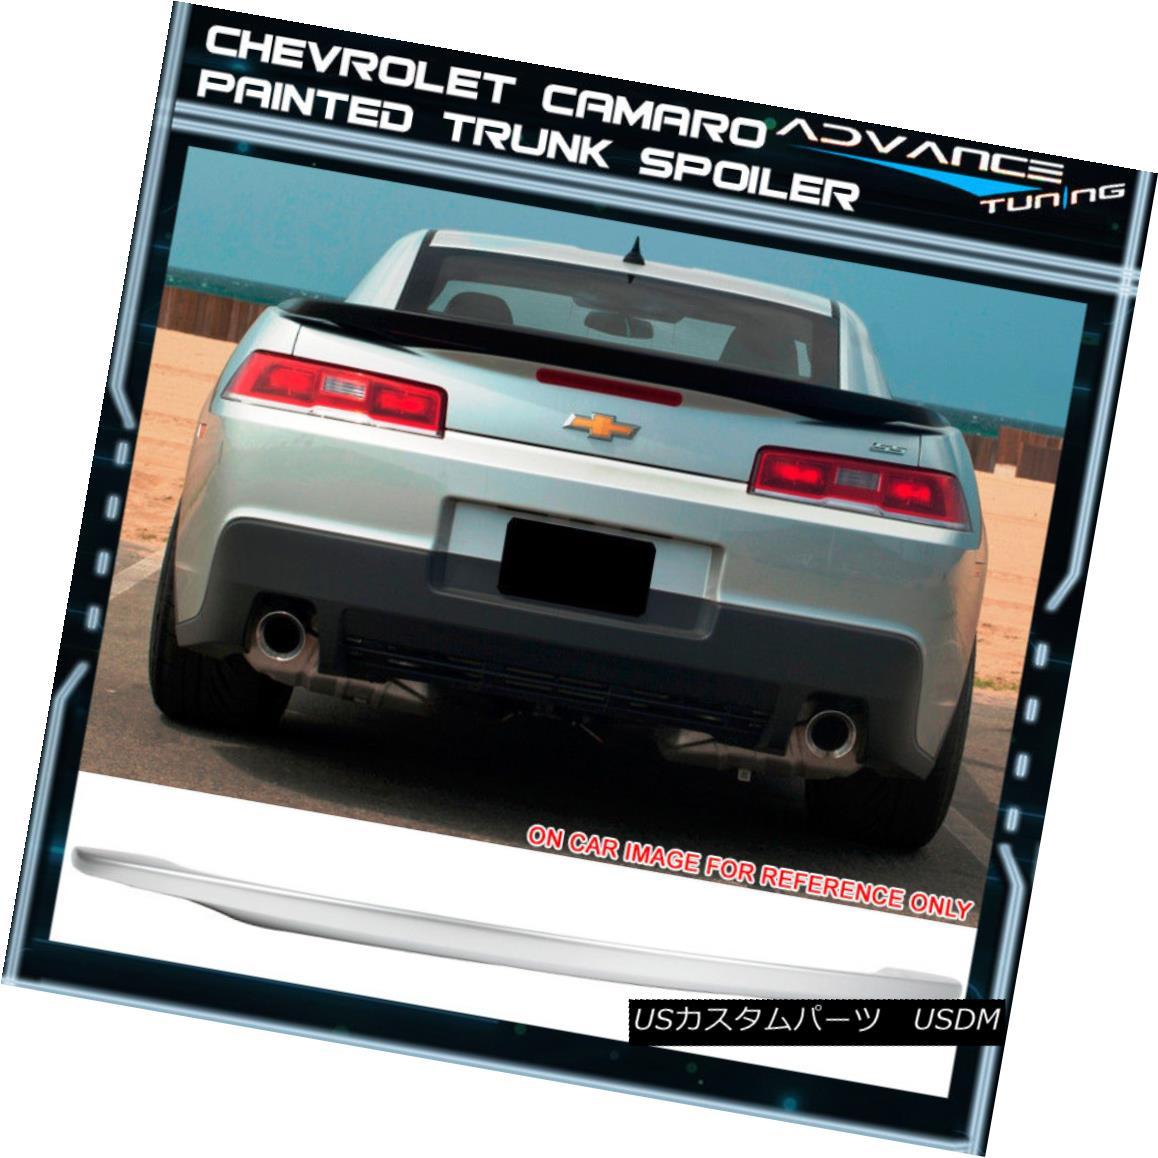 エアロパーツ 14-15 Chevy Camaro OE Style Trunk Spoiler Painted Switchblade Silver Metallic 14-15シボレーカマロOEスタイルのトランク・スポイラー、ペイントされたスイッチブレードシルバー・メタリック